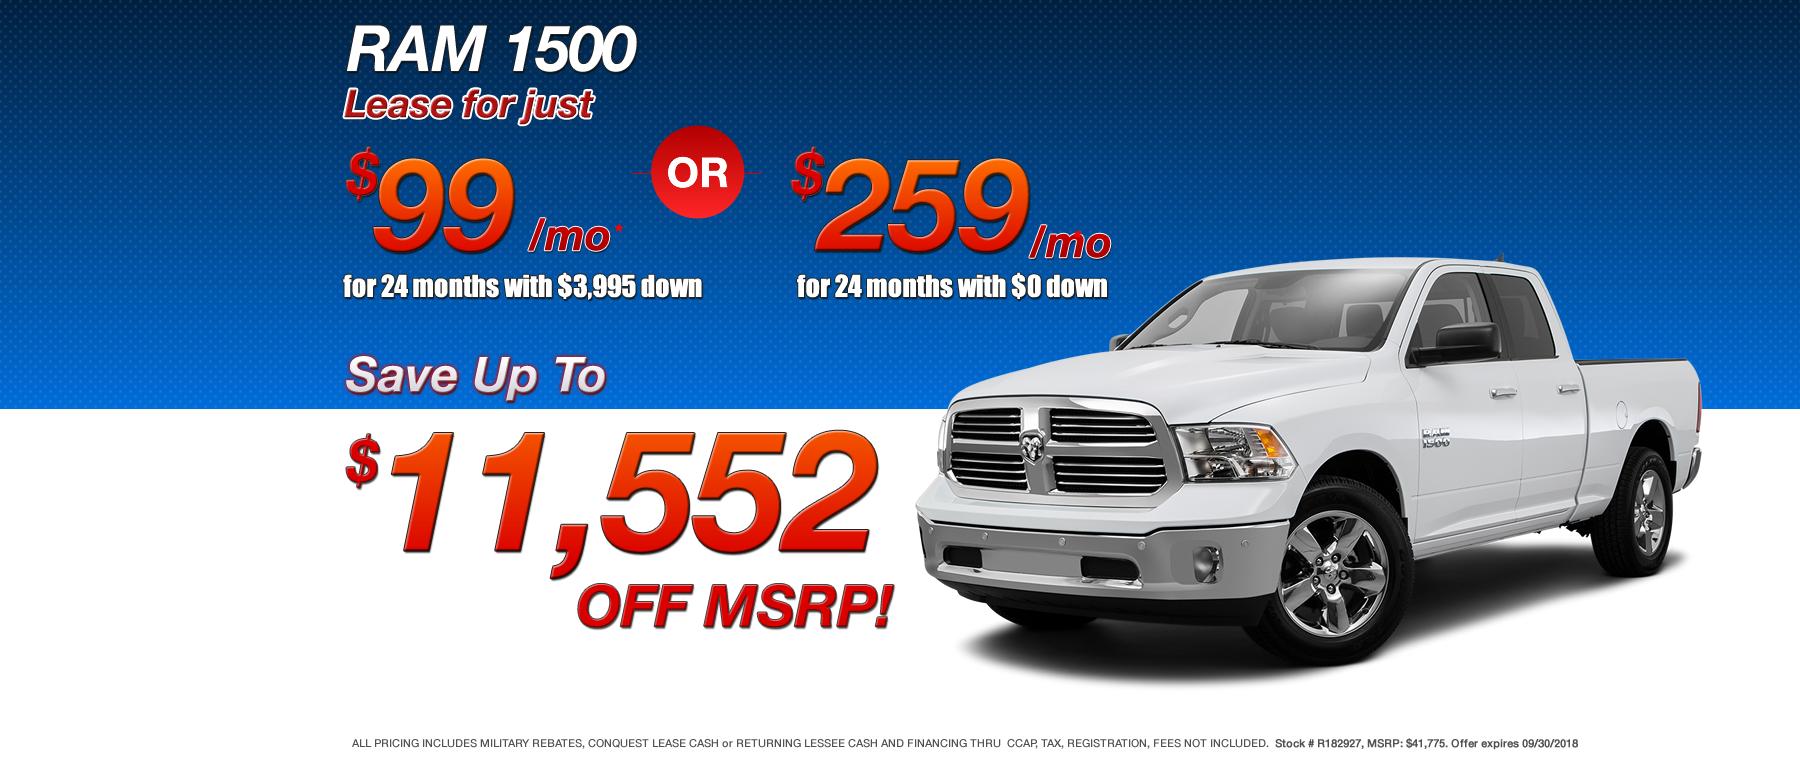 Best RAM 1500 Lease Deals in MA